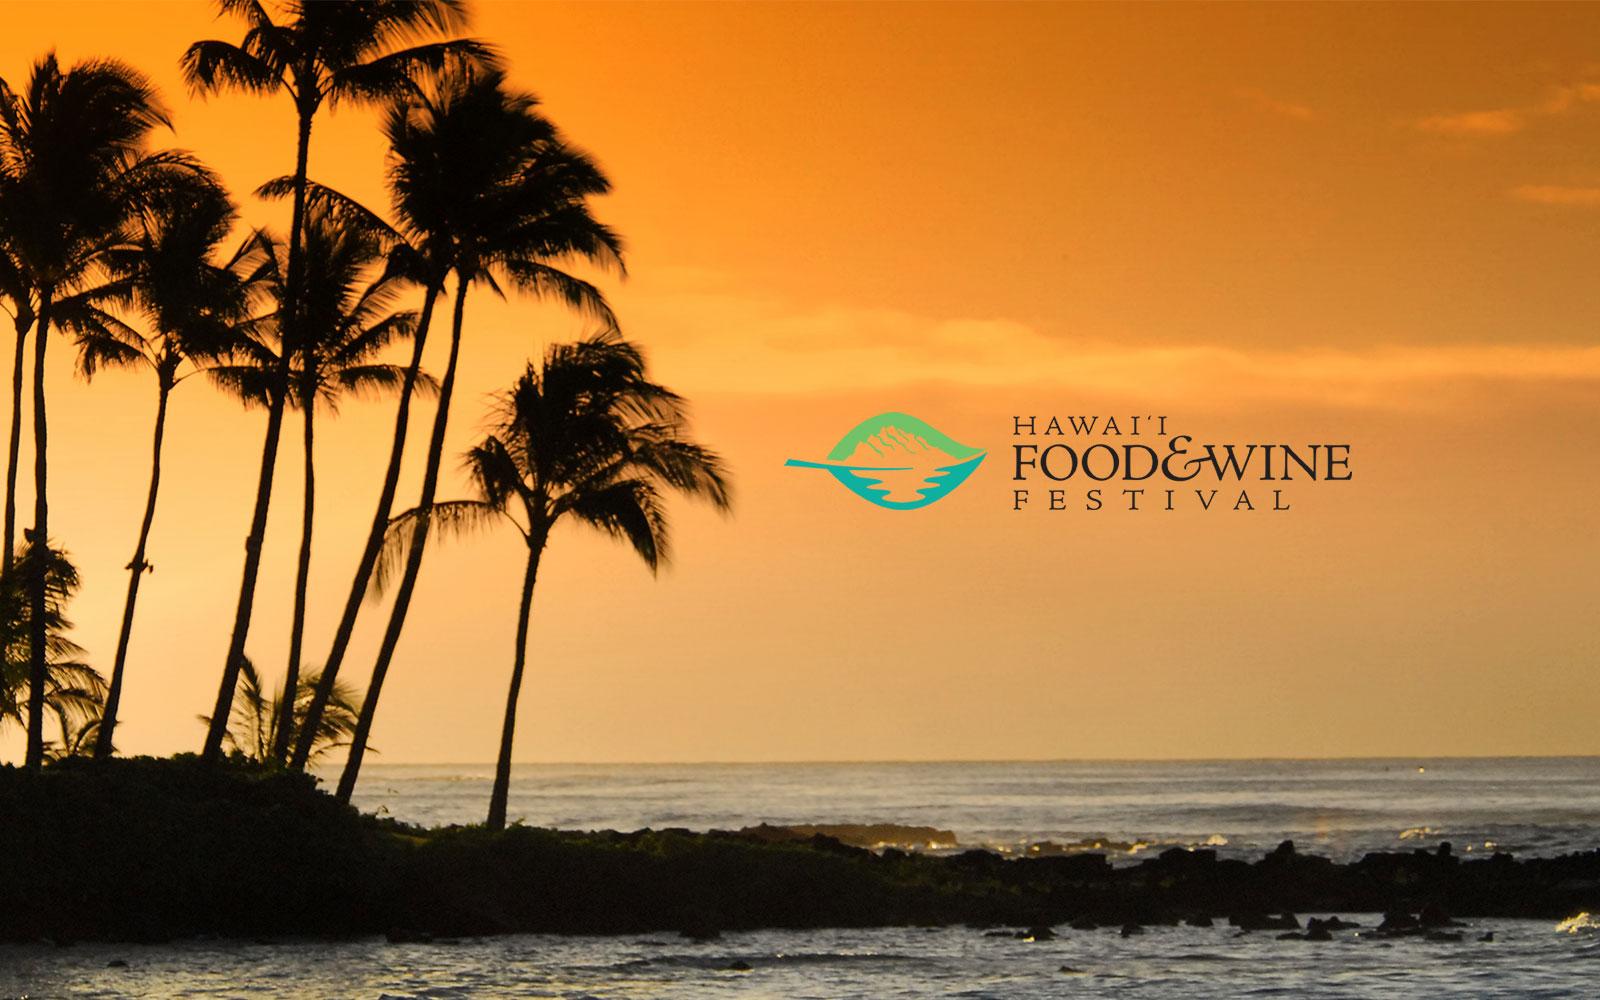 Hawaii Food&Wine Festival